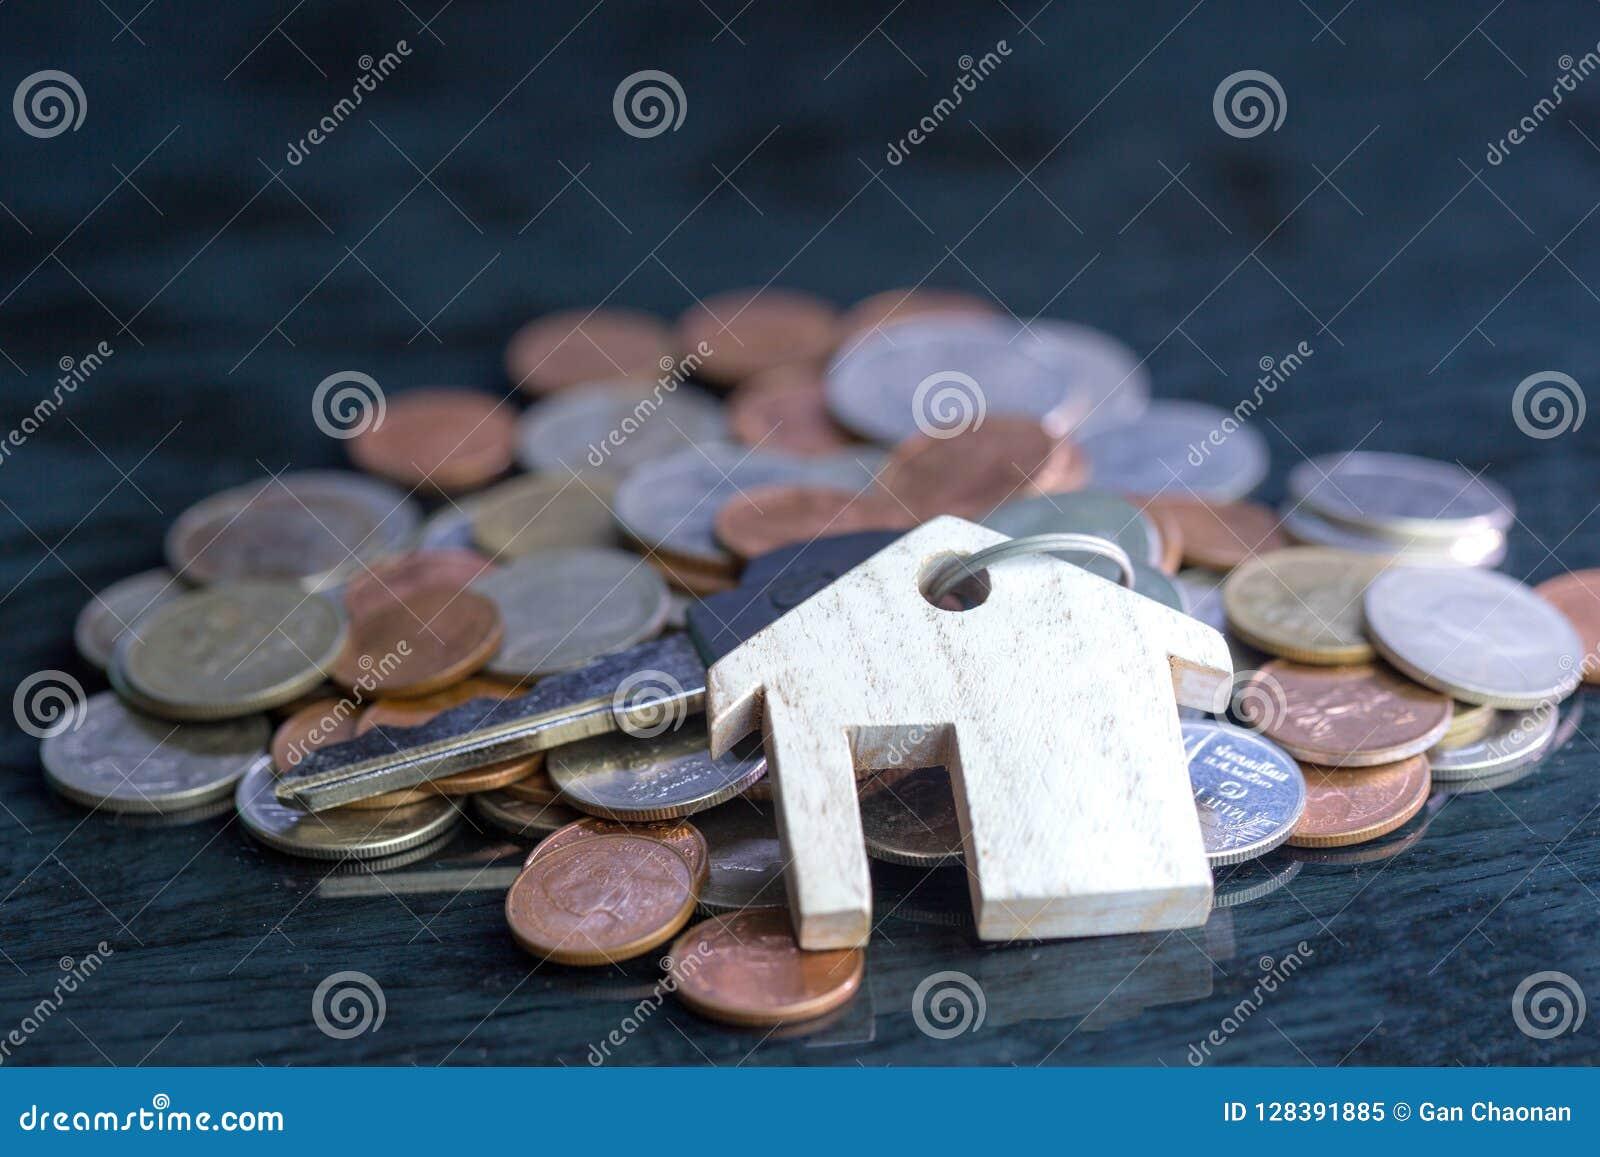 Концепция имущества, keychain с символом дома, ключи помещена на черной монетке предпосылки